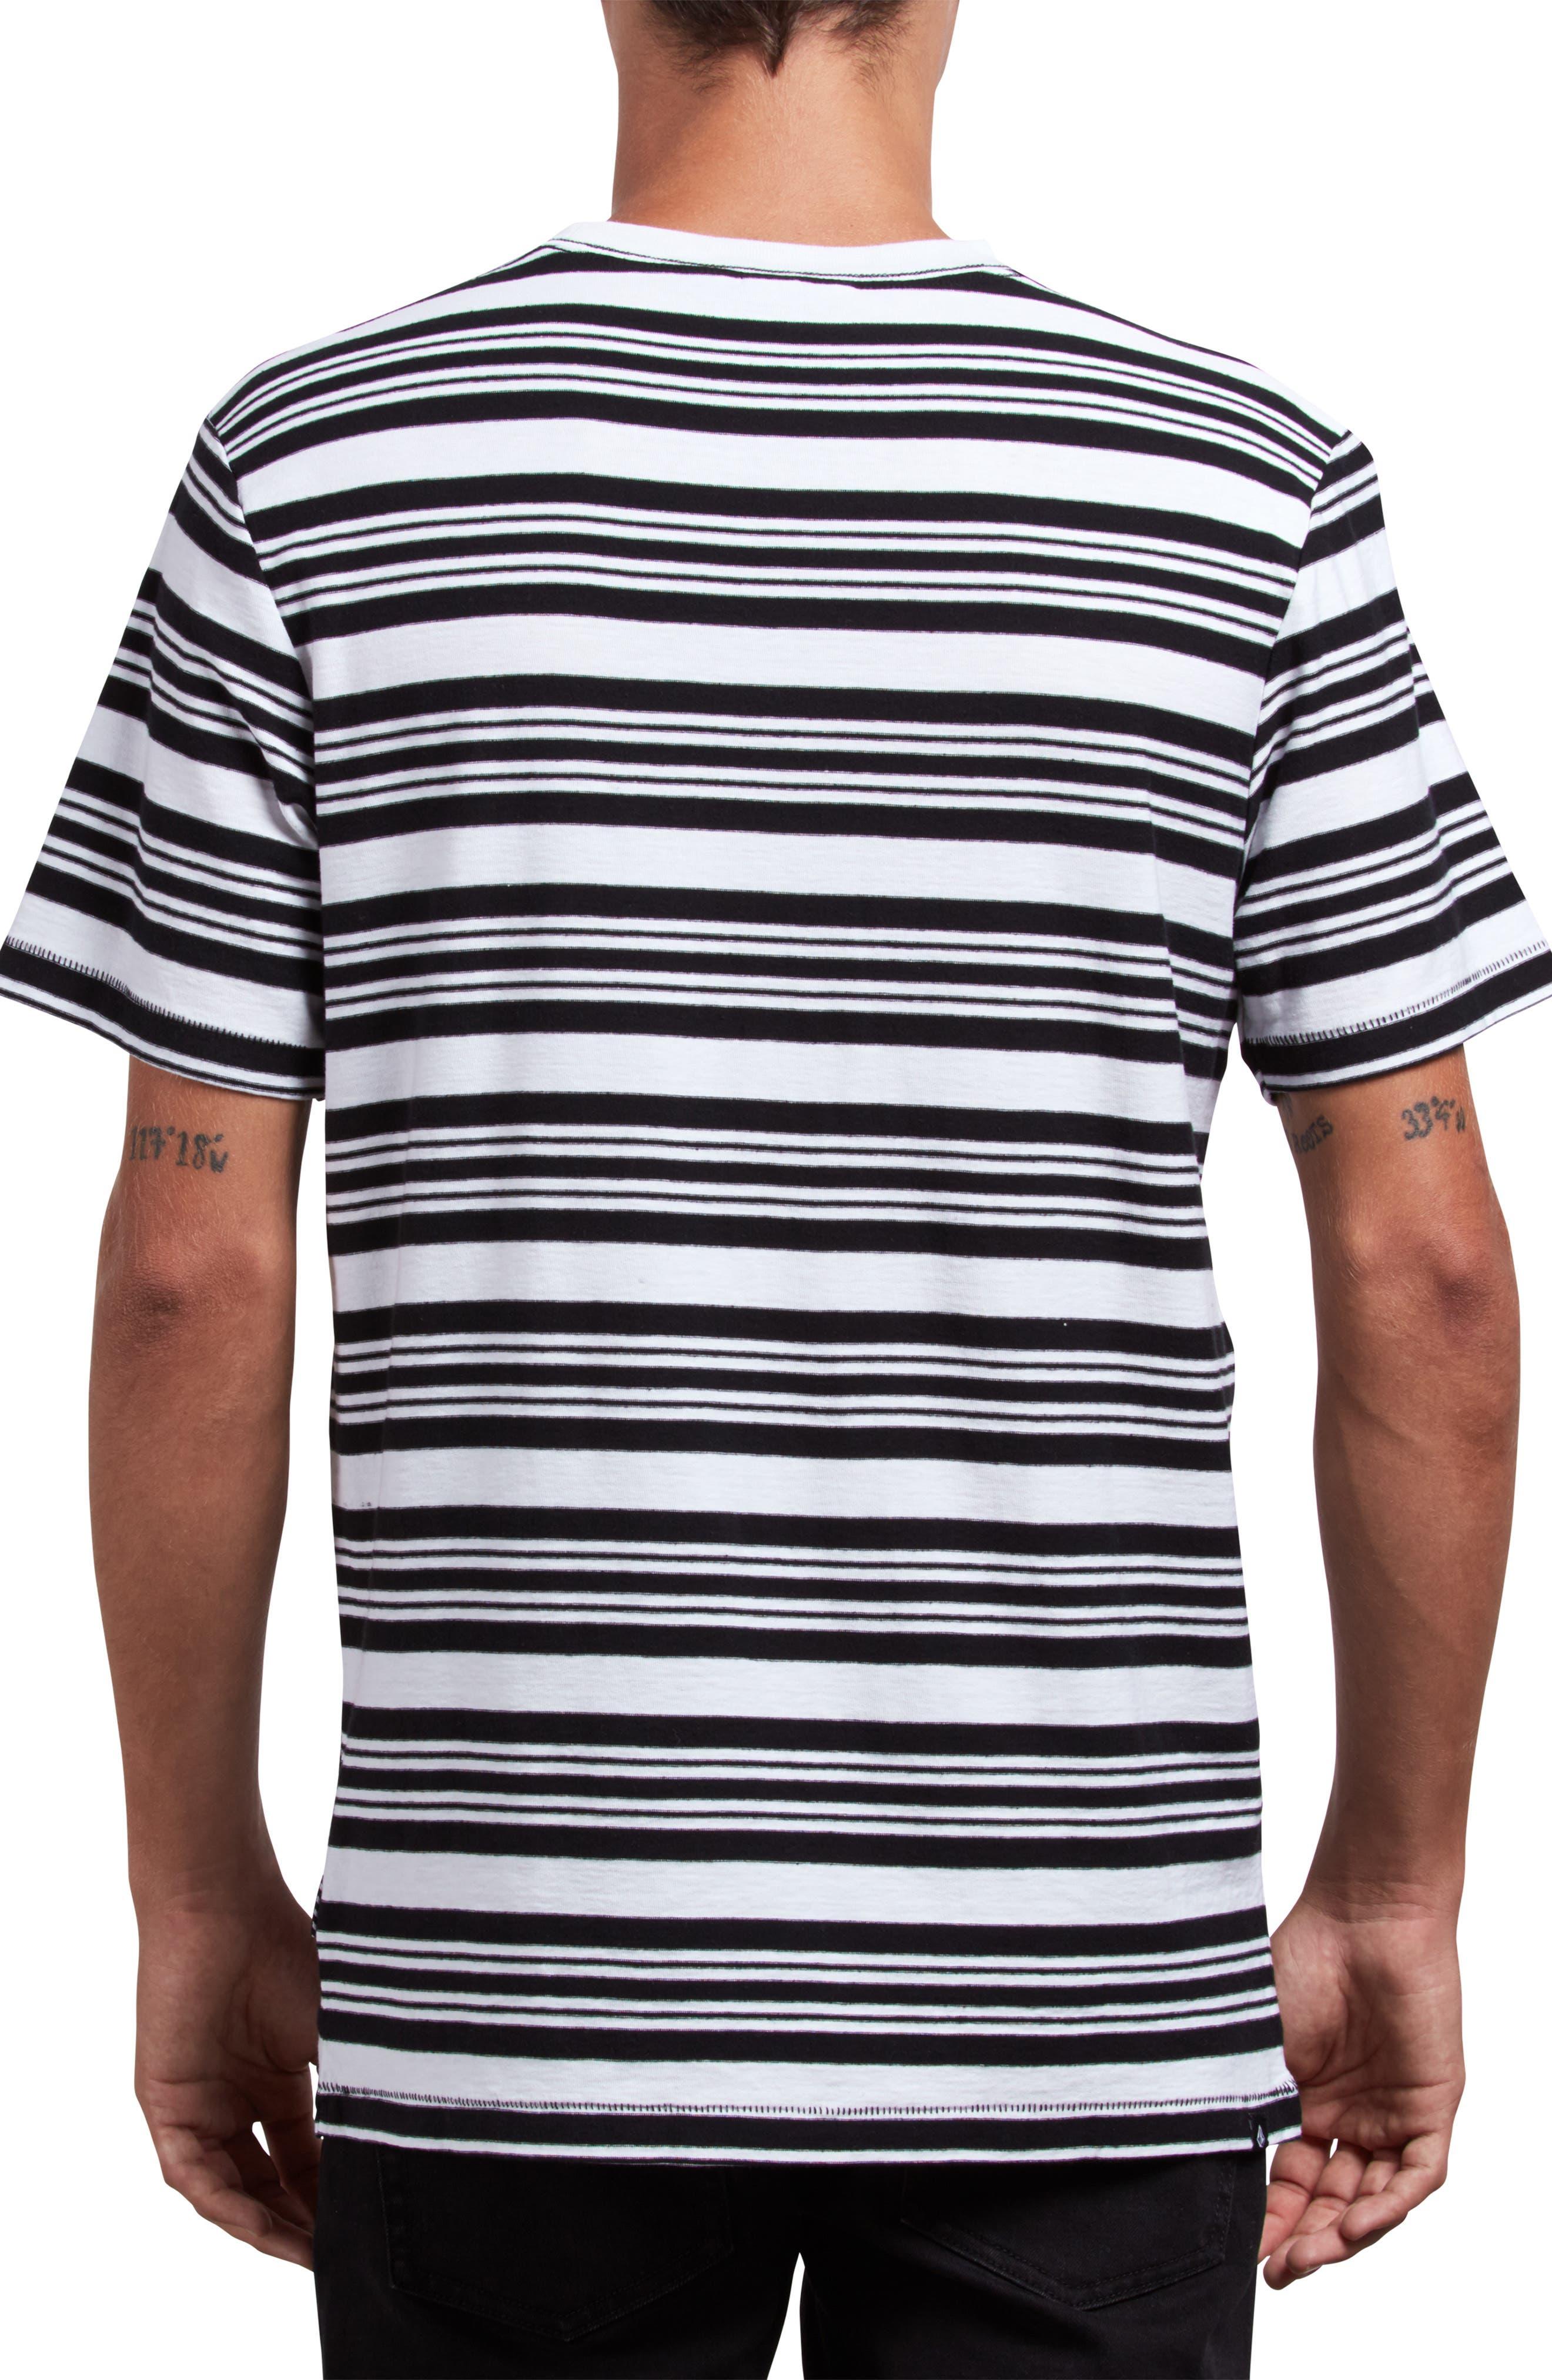 Randall T-Shirt,                             Alternate thumbnail 2, color,                             100